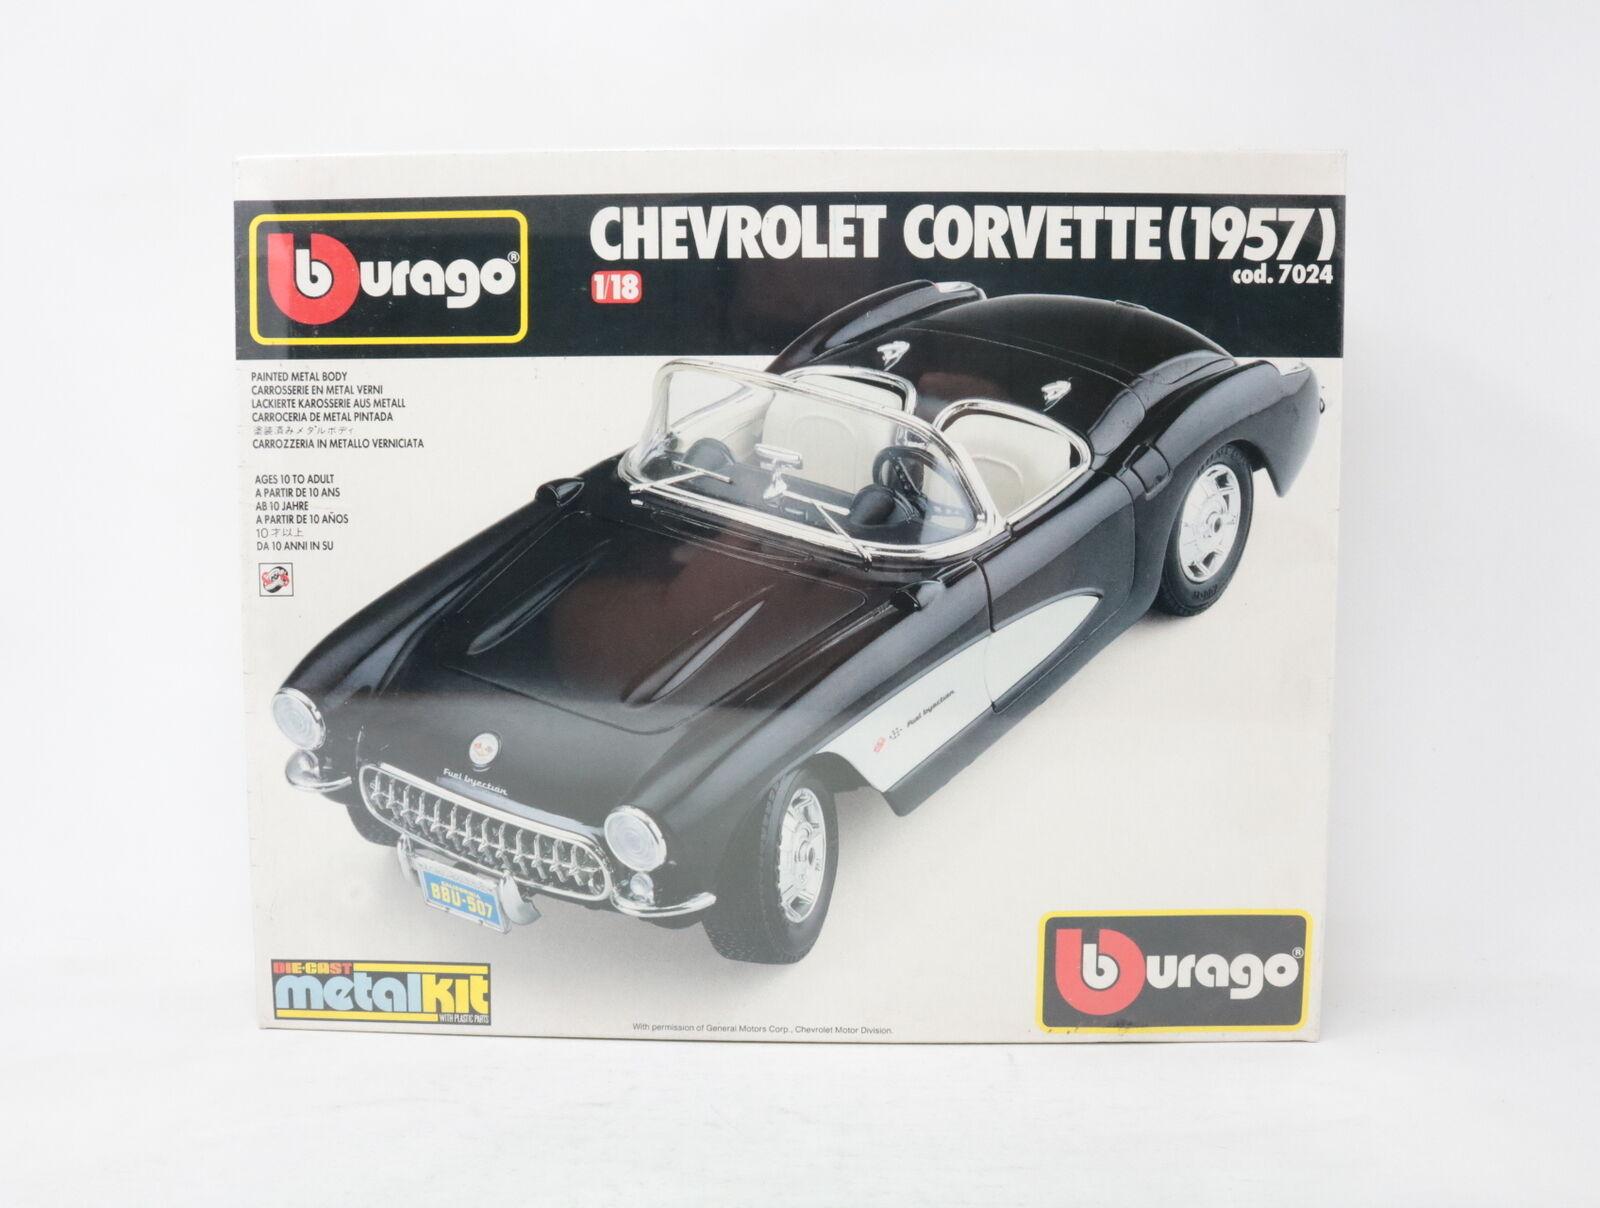 1 18 BBURAGO Metal Kit Chevrolet Corvette 1957 COD. 7024 [ks-008]